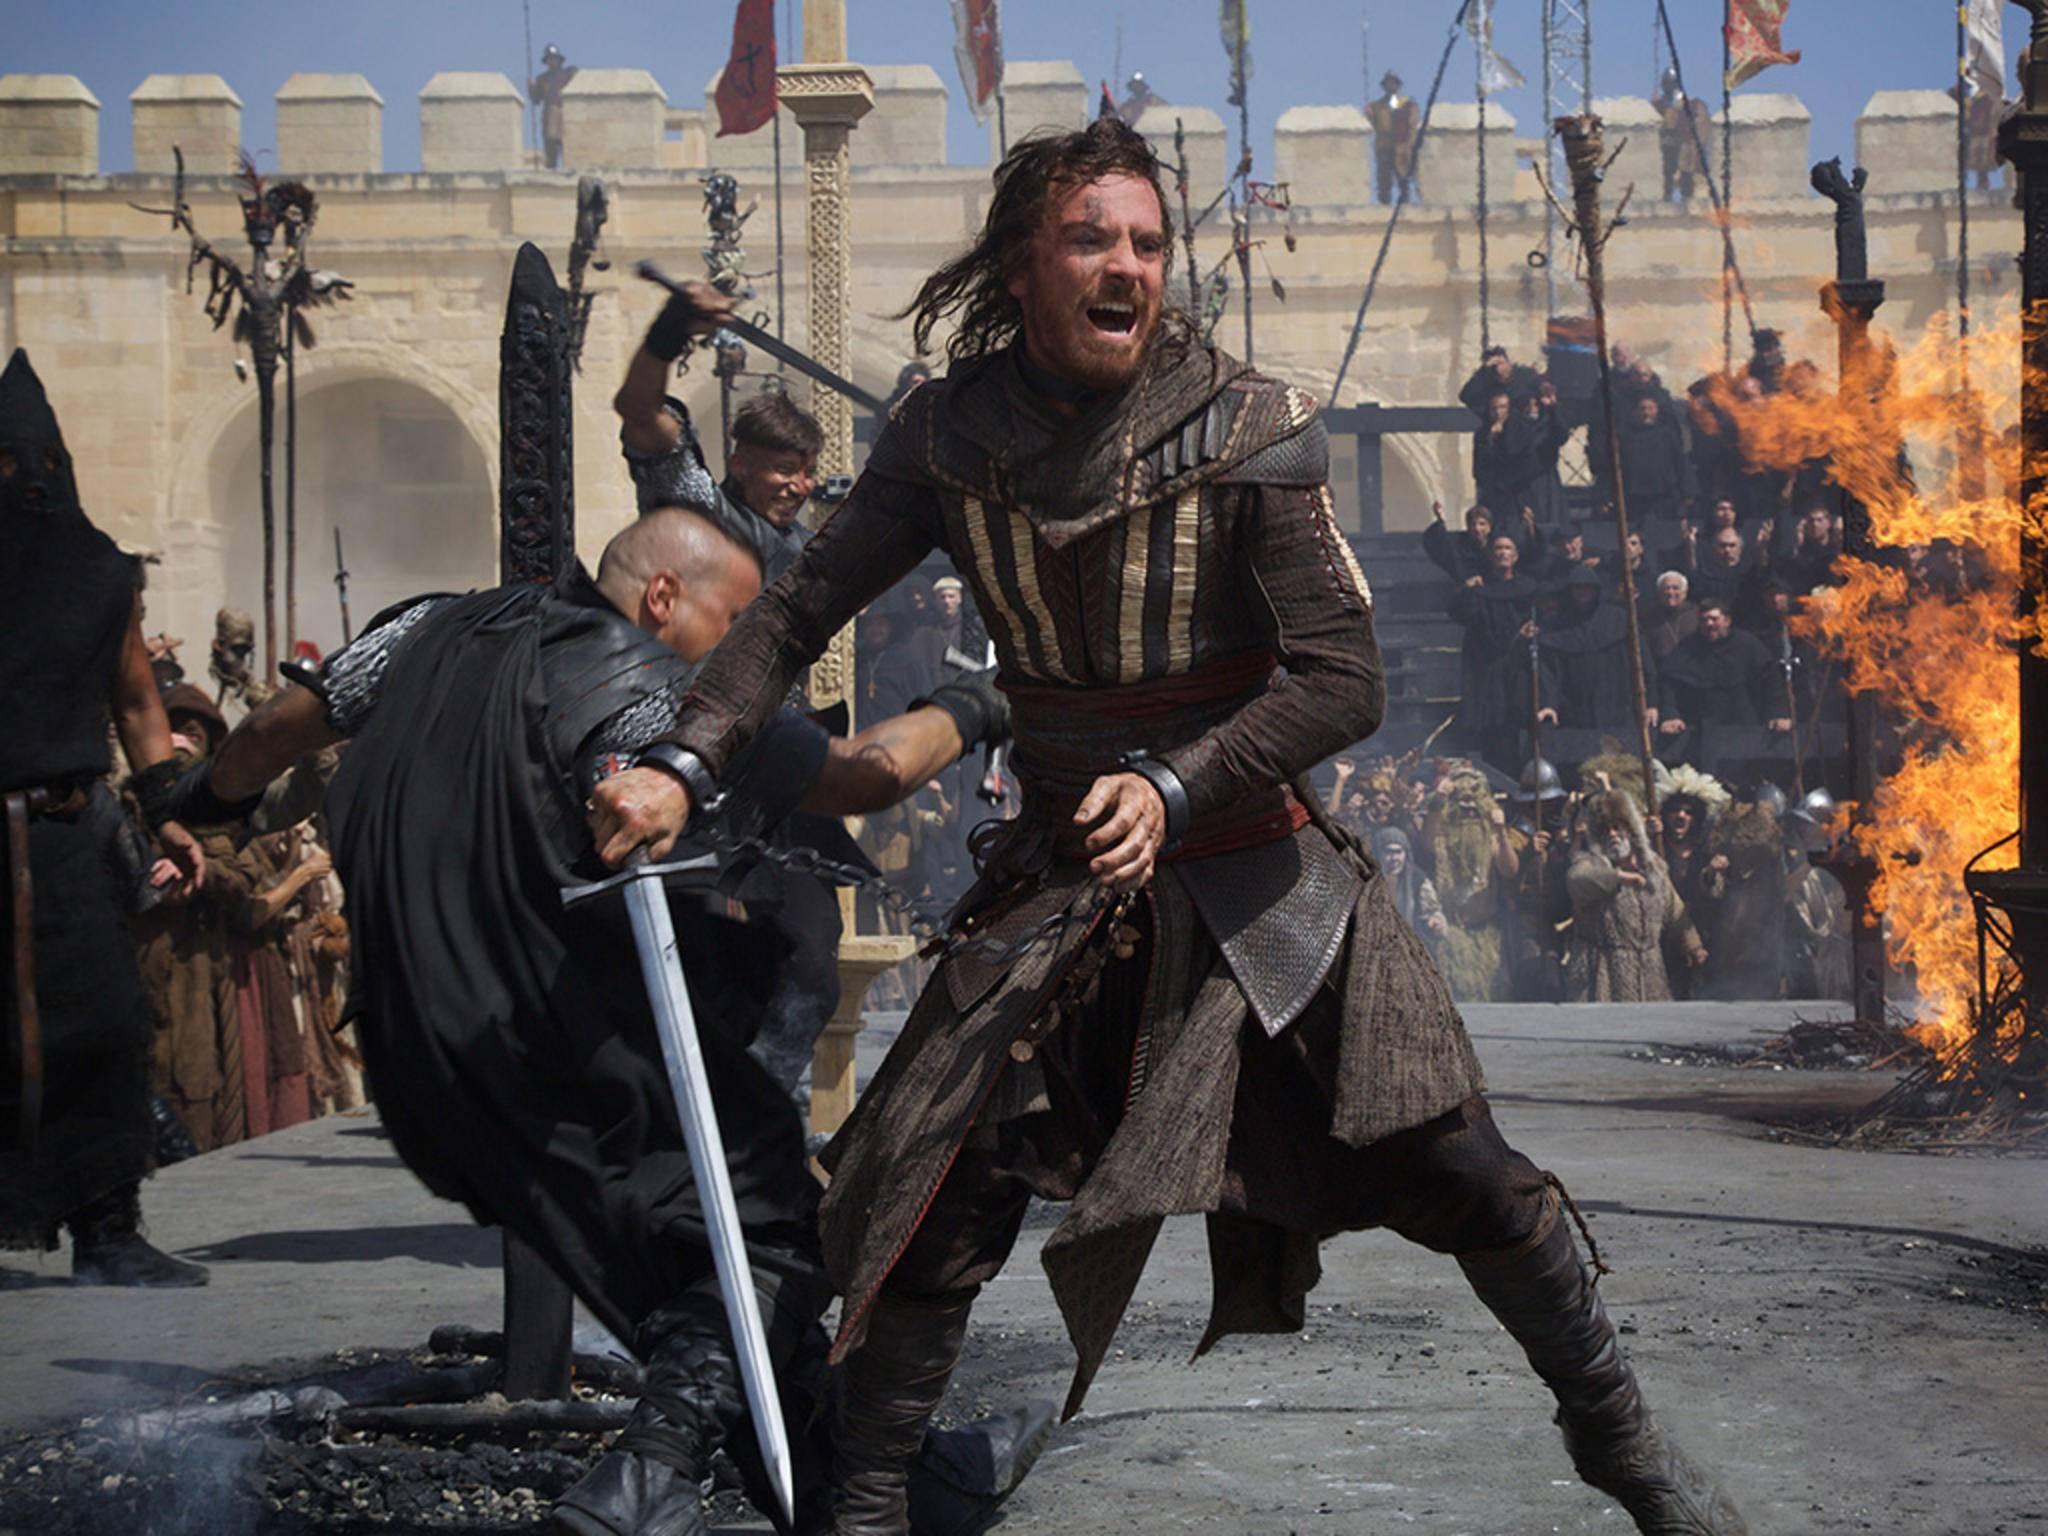 Eine Kampfszene aus dem Assassin's Creed Film, der Ende des Jahres in die Kinos kommt.